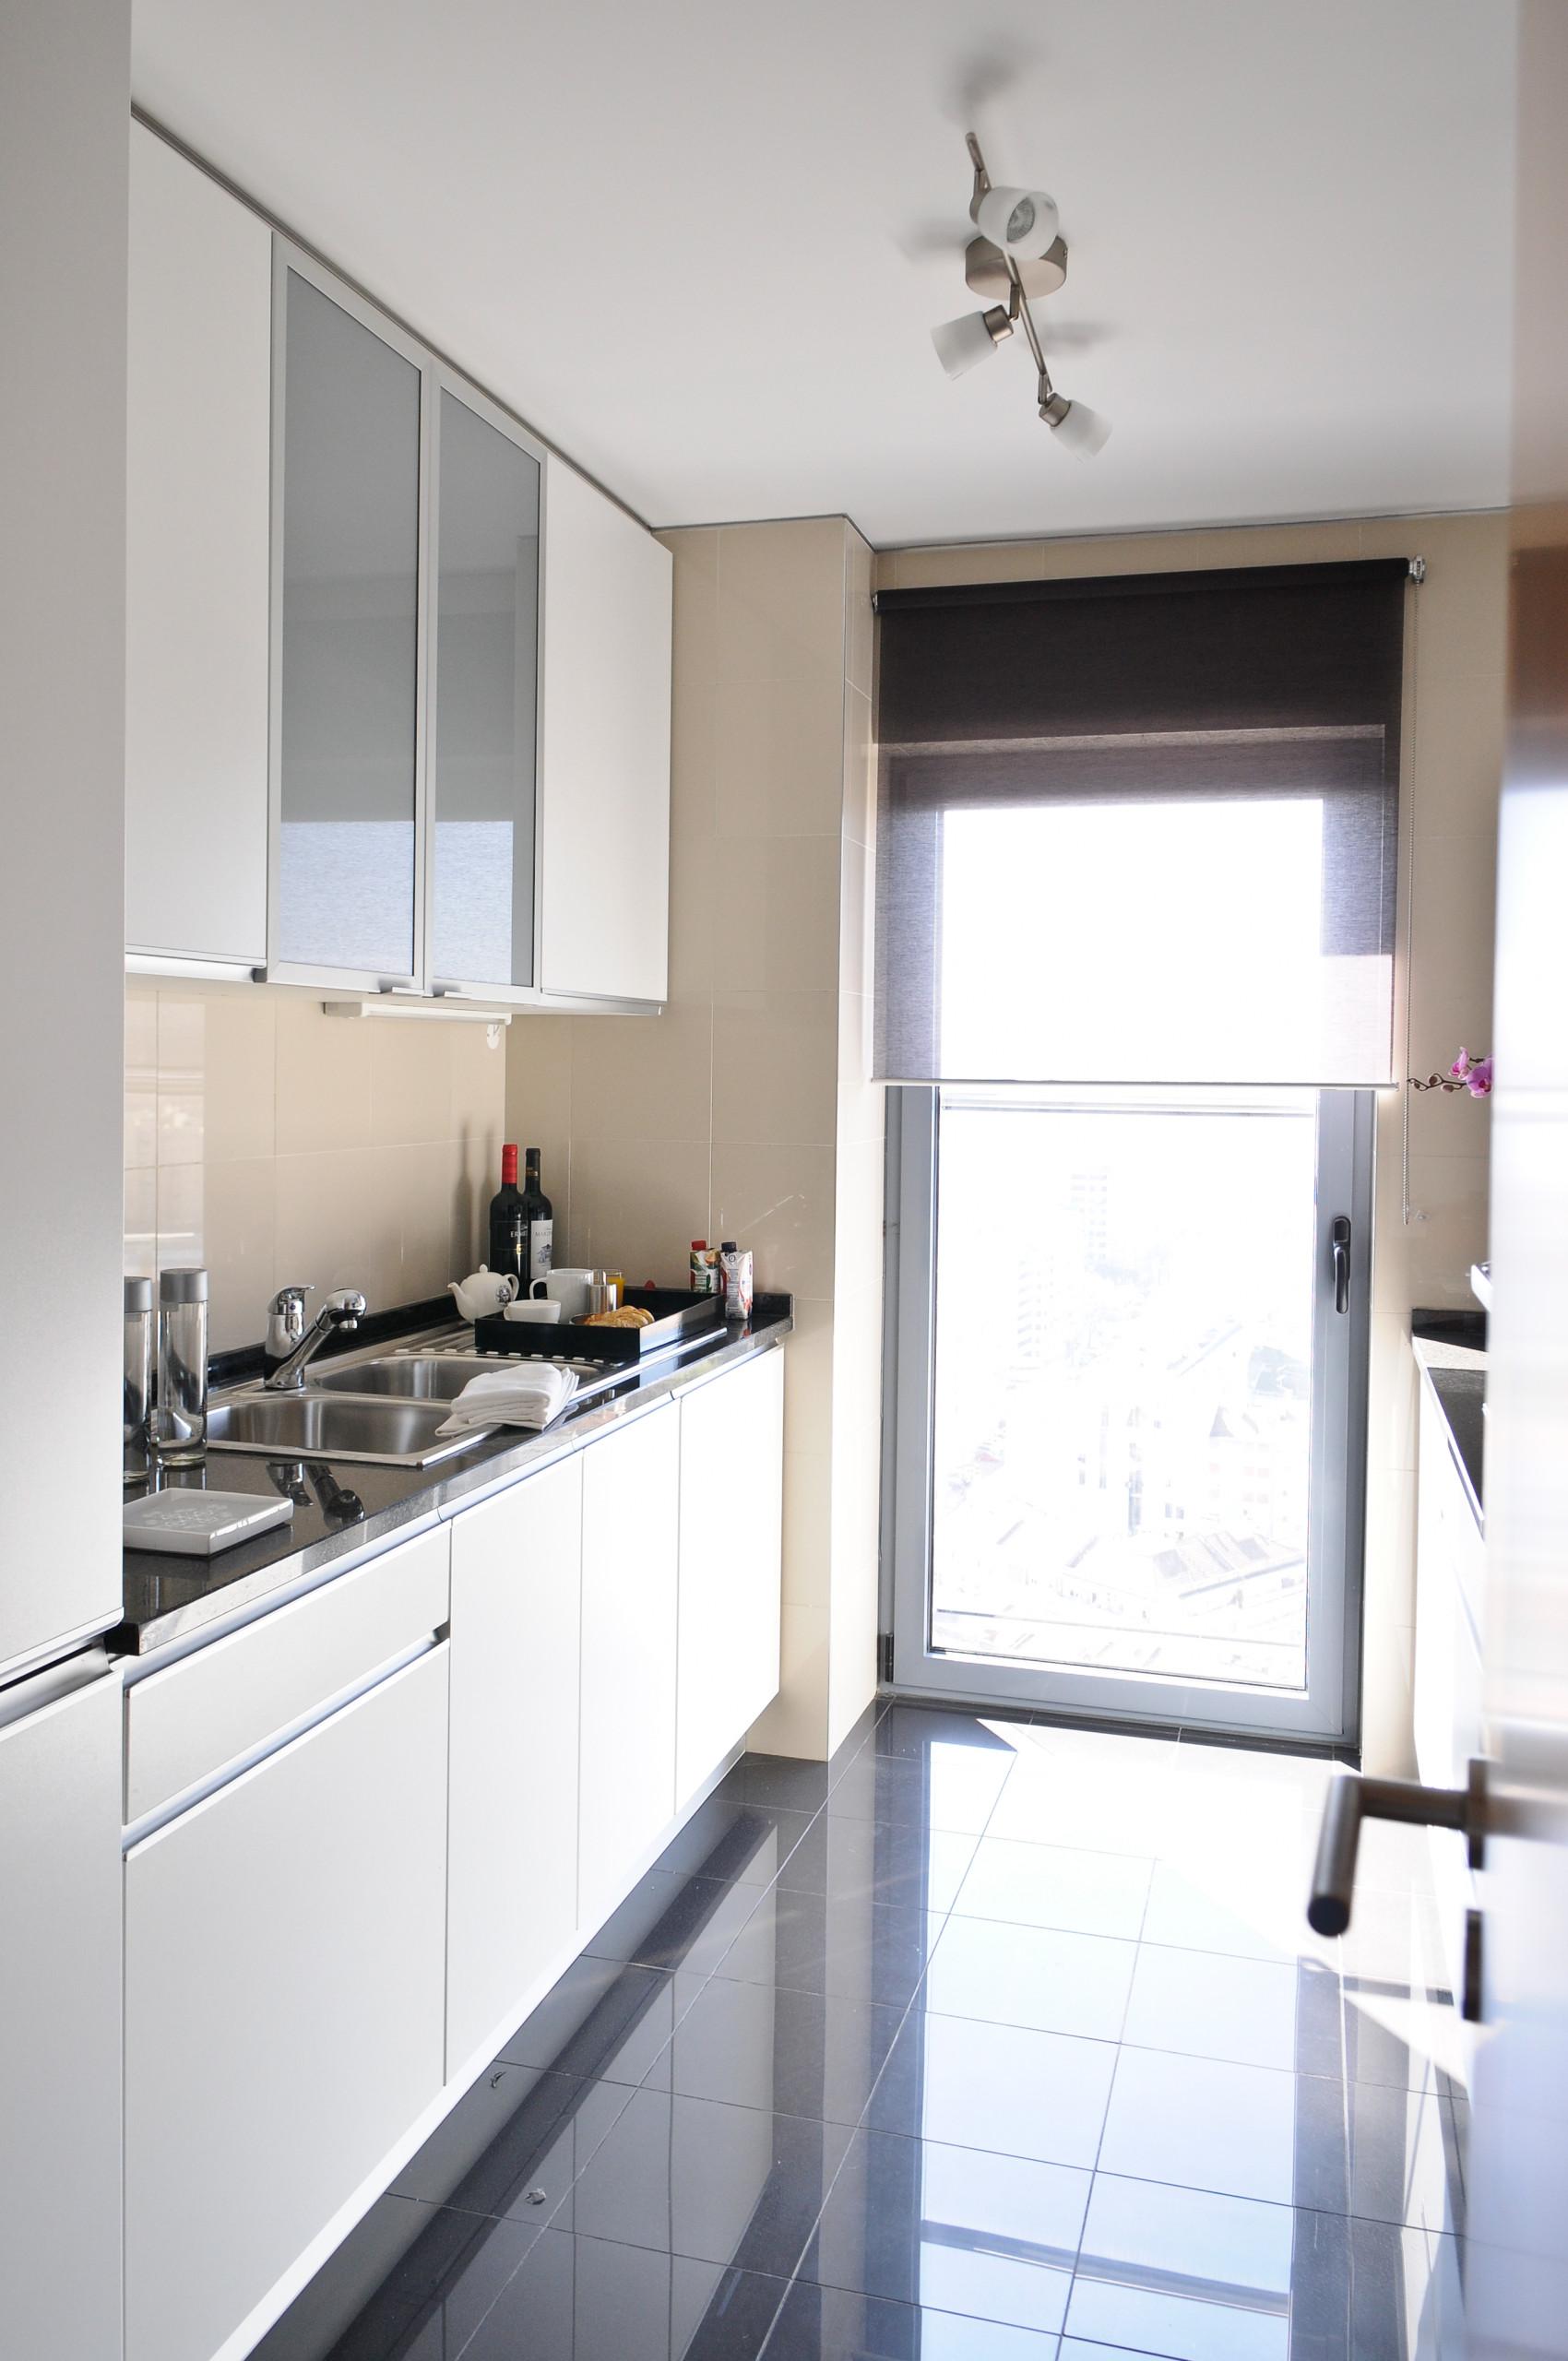 Apartamentos en lisboa apartamento de 2 dormitorios con for Alojamiento estancia 25m2